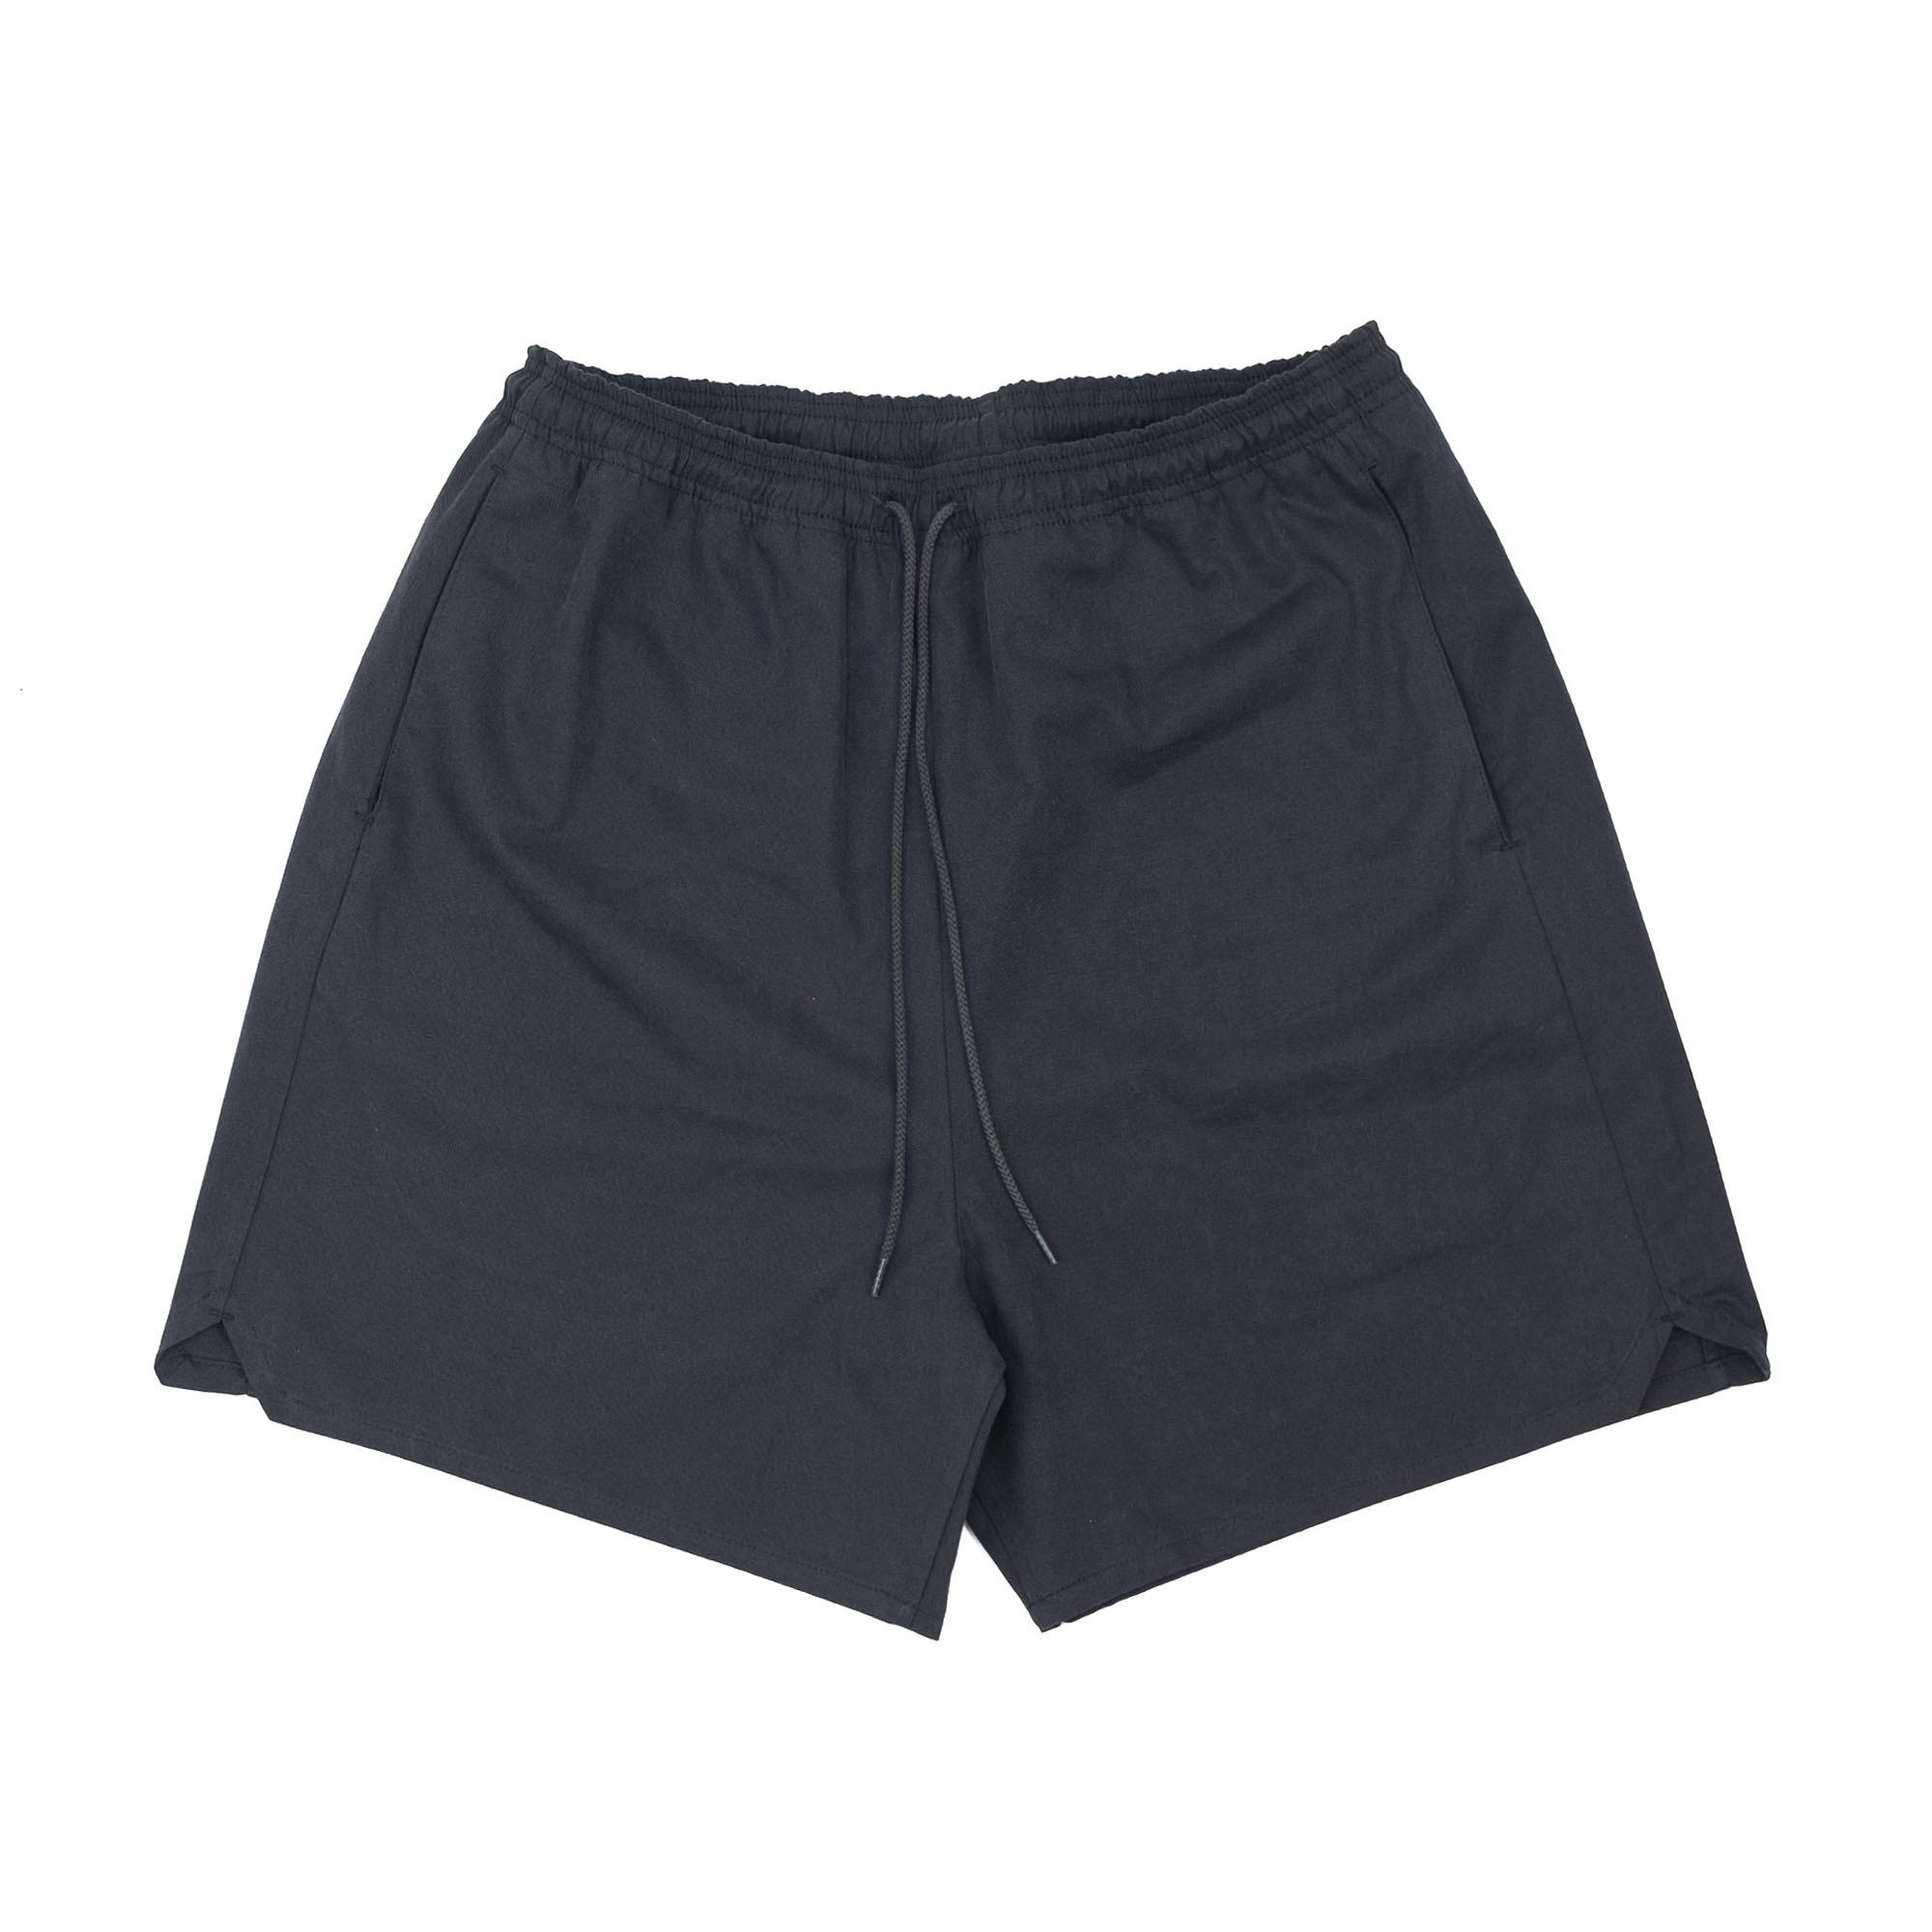 Sulfur Dyed Nidom Training Shorts Black 1